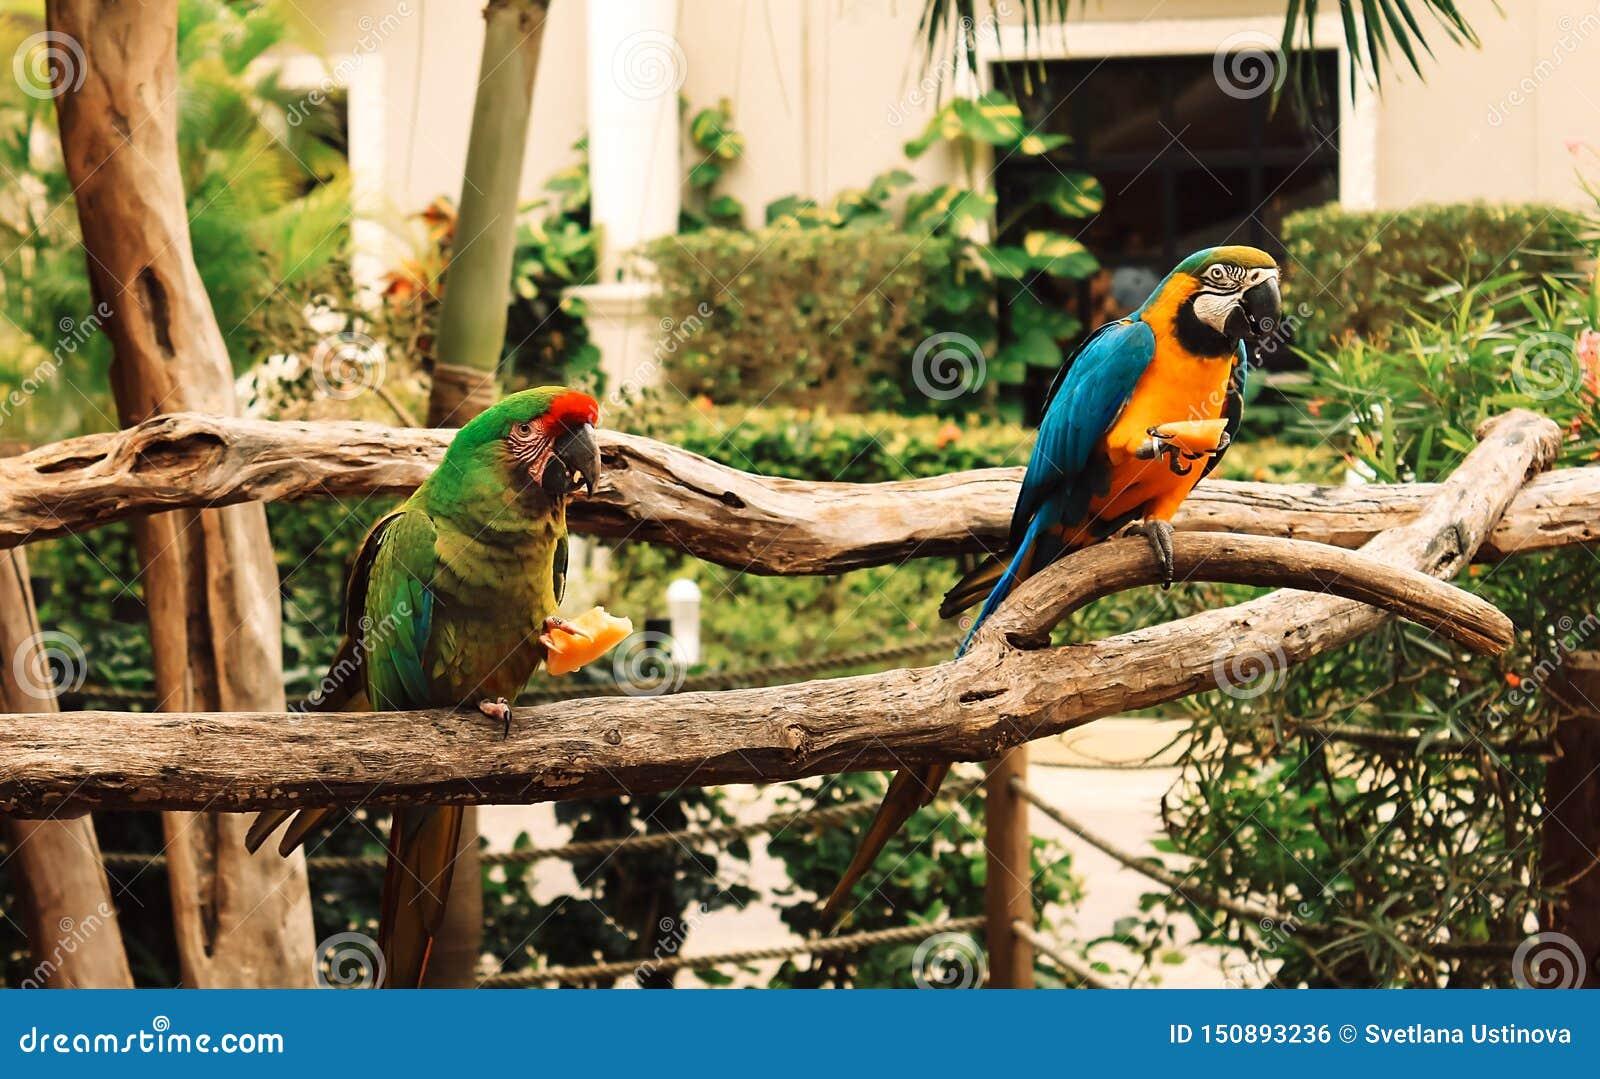 Deux perroquets colorés étés perché sur une branche mangeant du fruit macaw